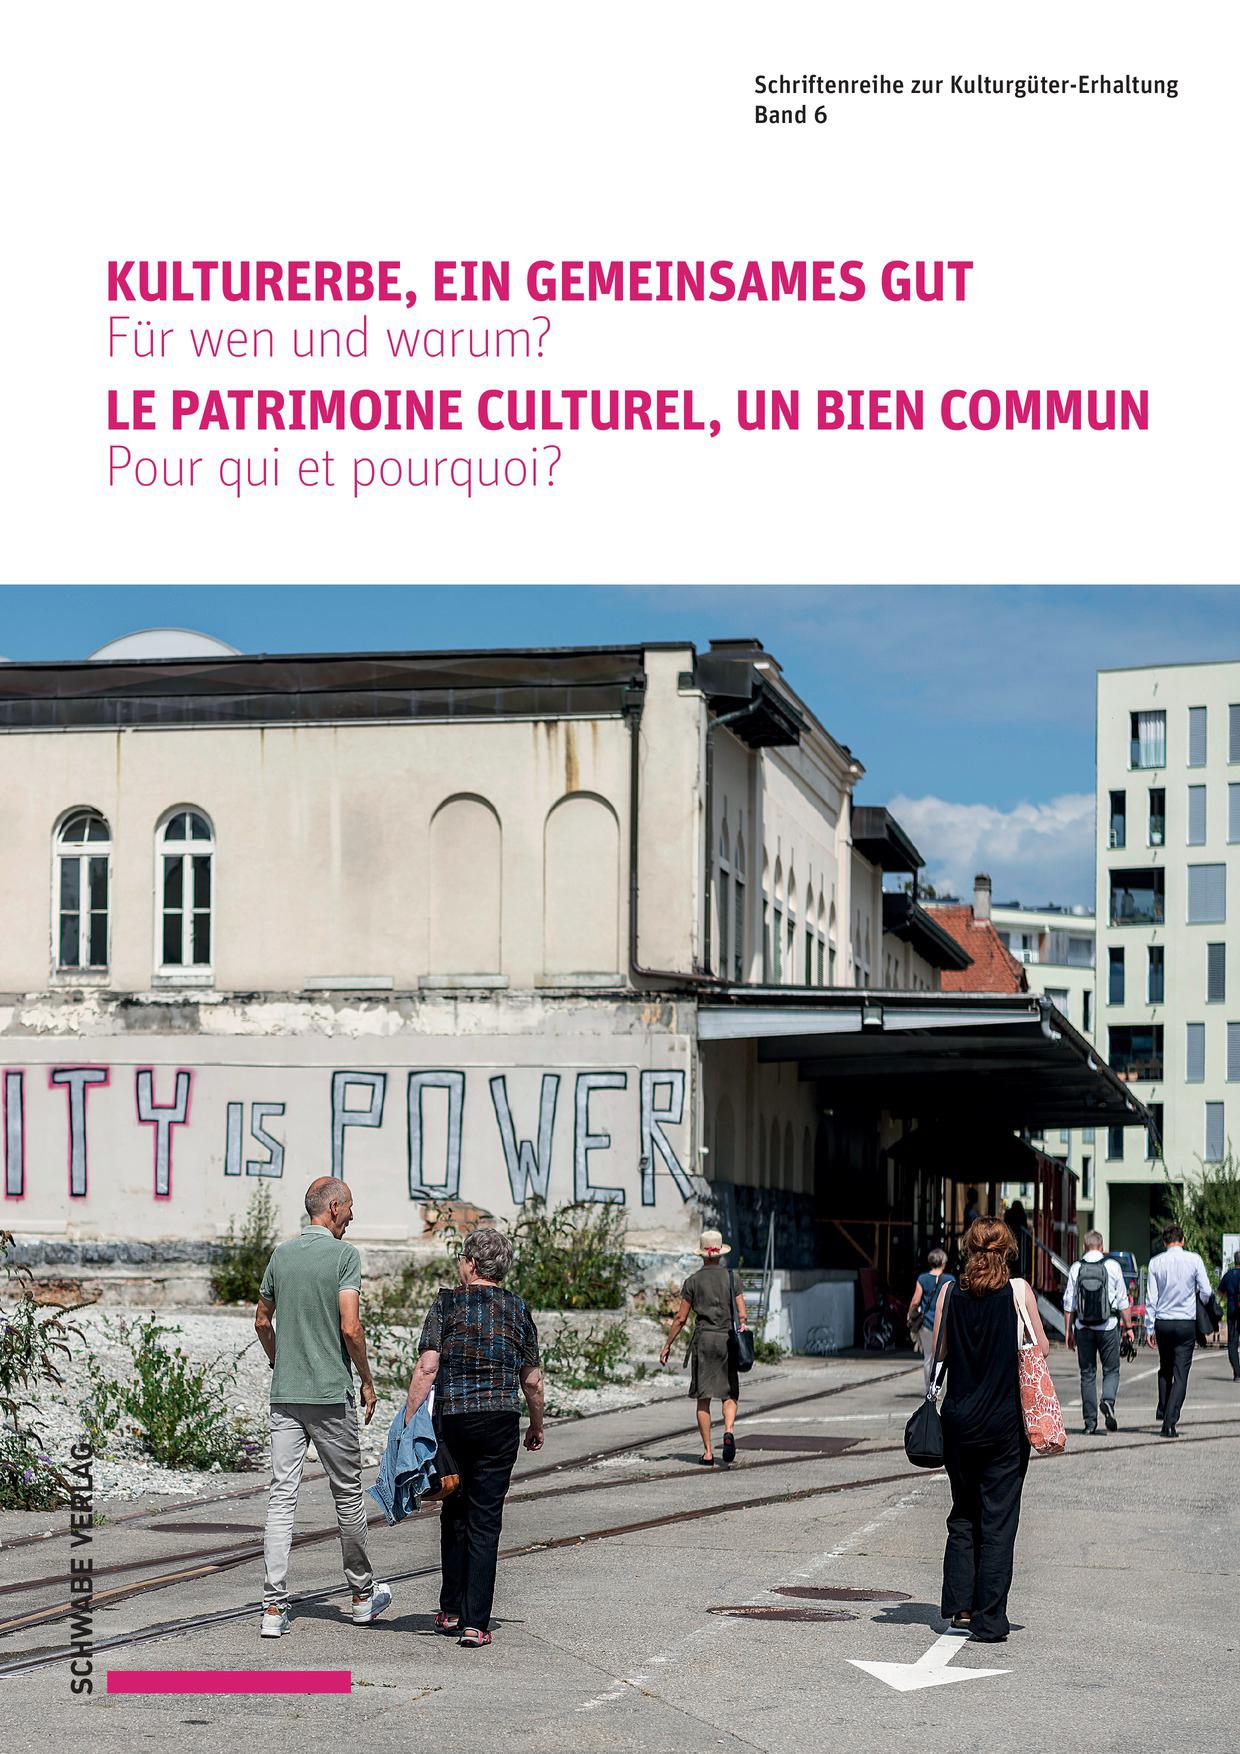 Schriftenreihe zur Kulturgüter-Erhaltung